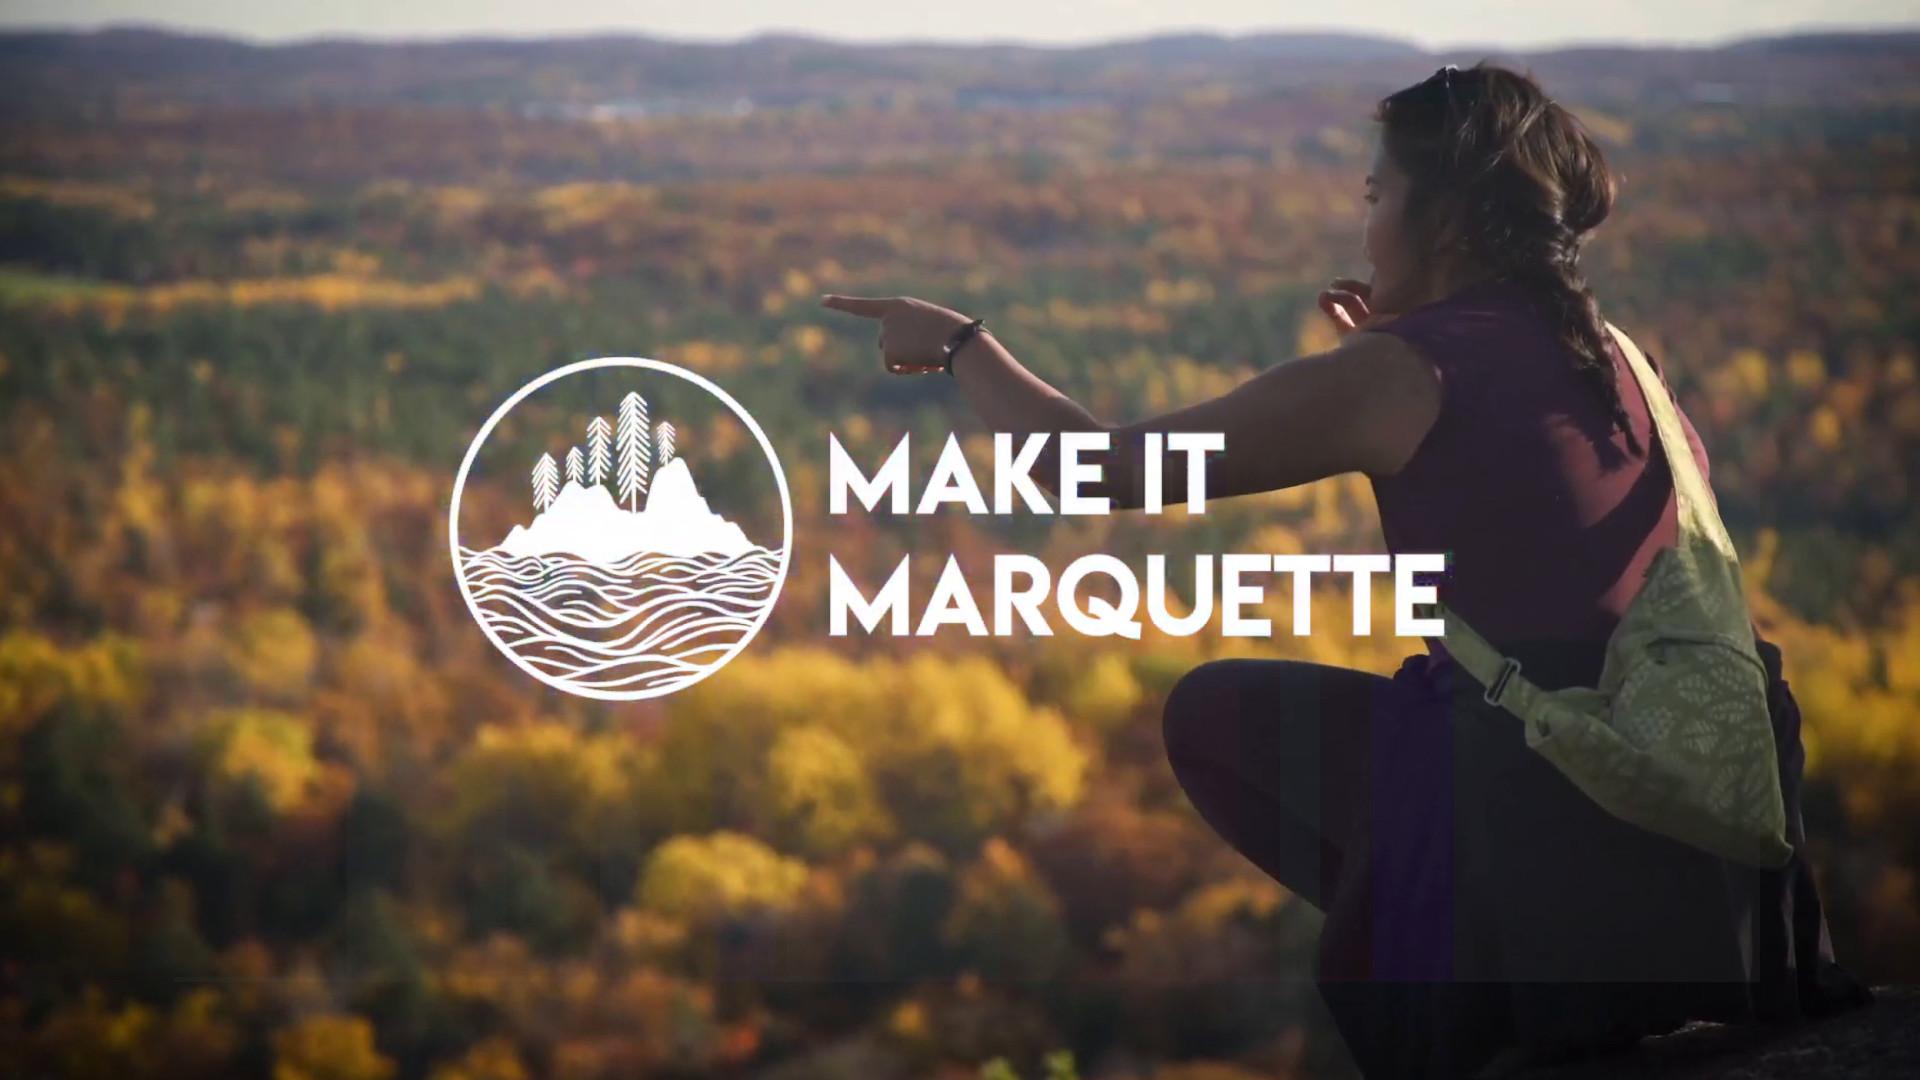 Make It Marquette, Remote Work Program of Michigan